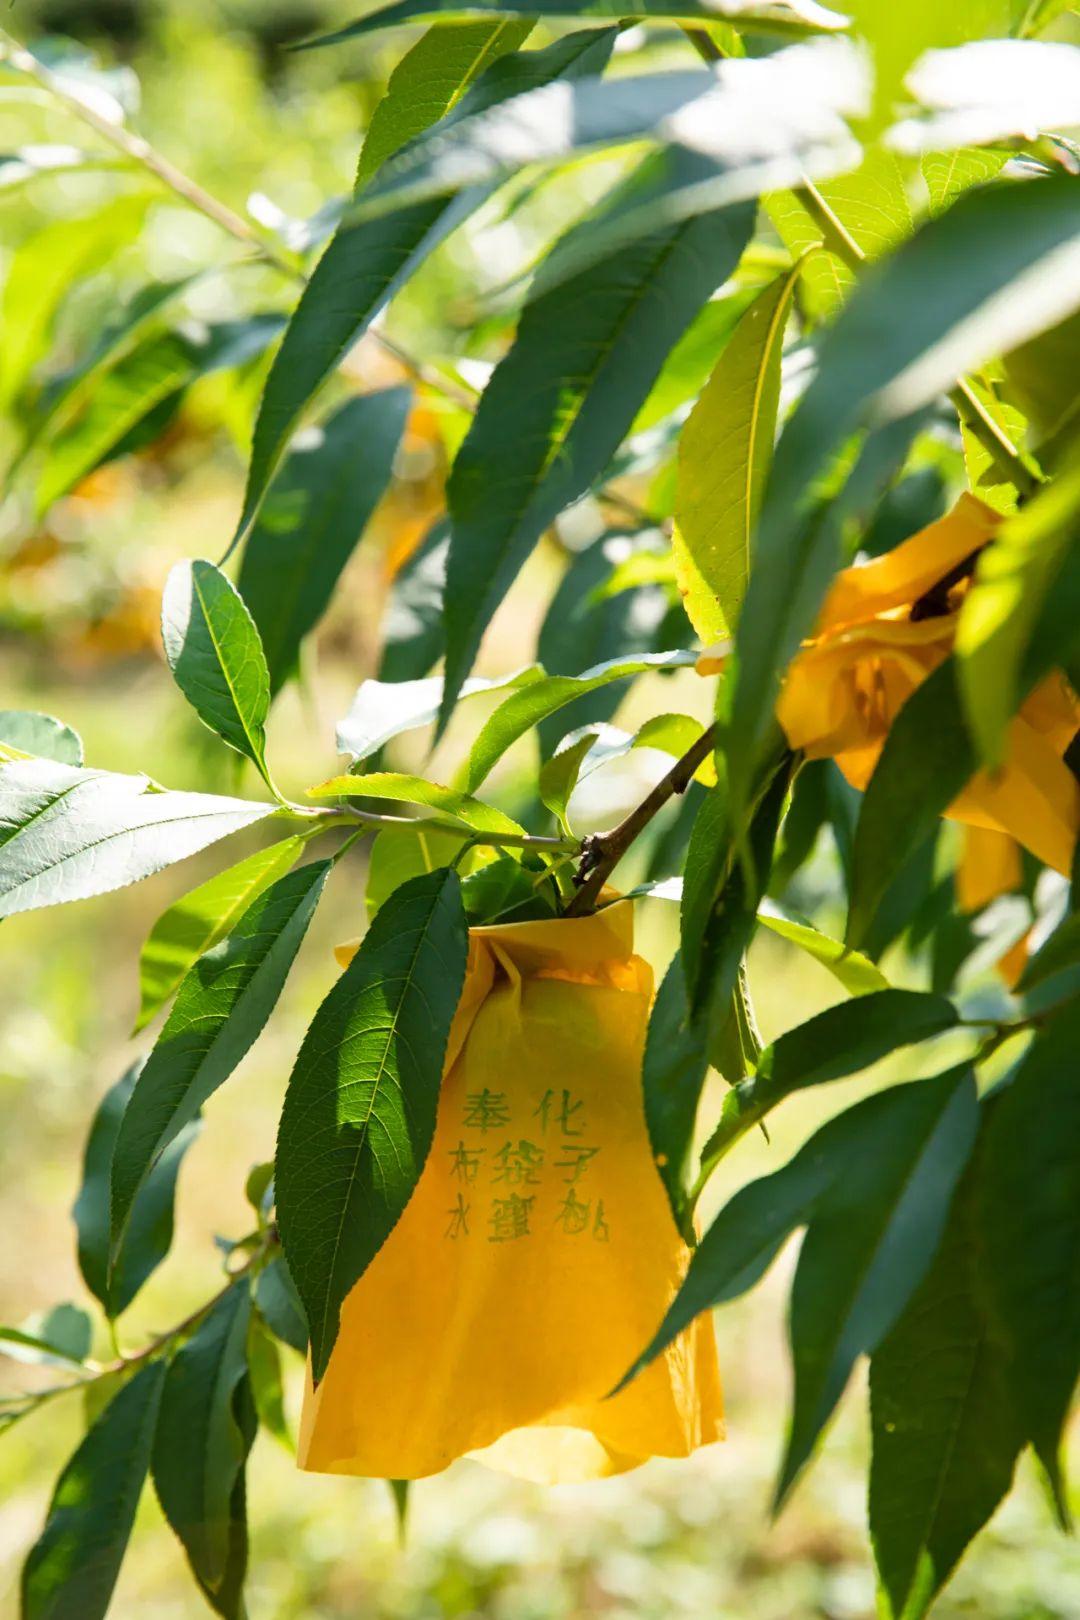 ▲ 奉化,每一枚未成熟的蜜桃,都需要套袋呵护。 摄影/朱梦菲